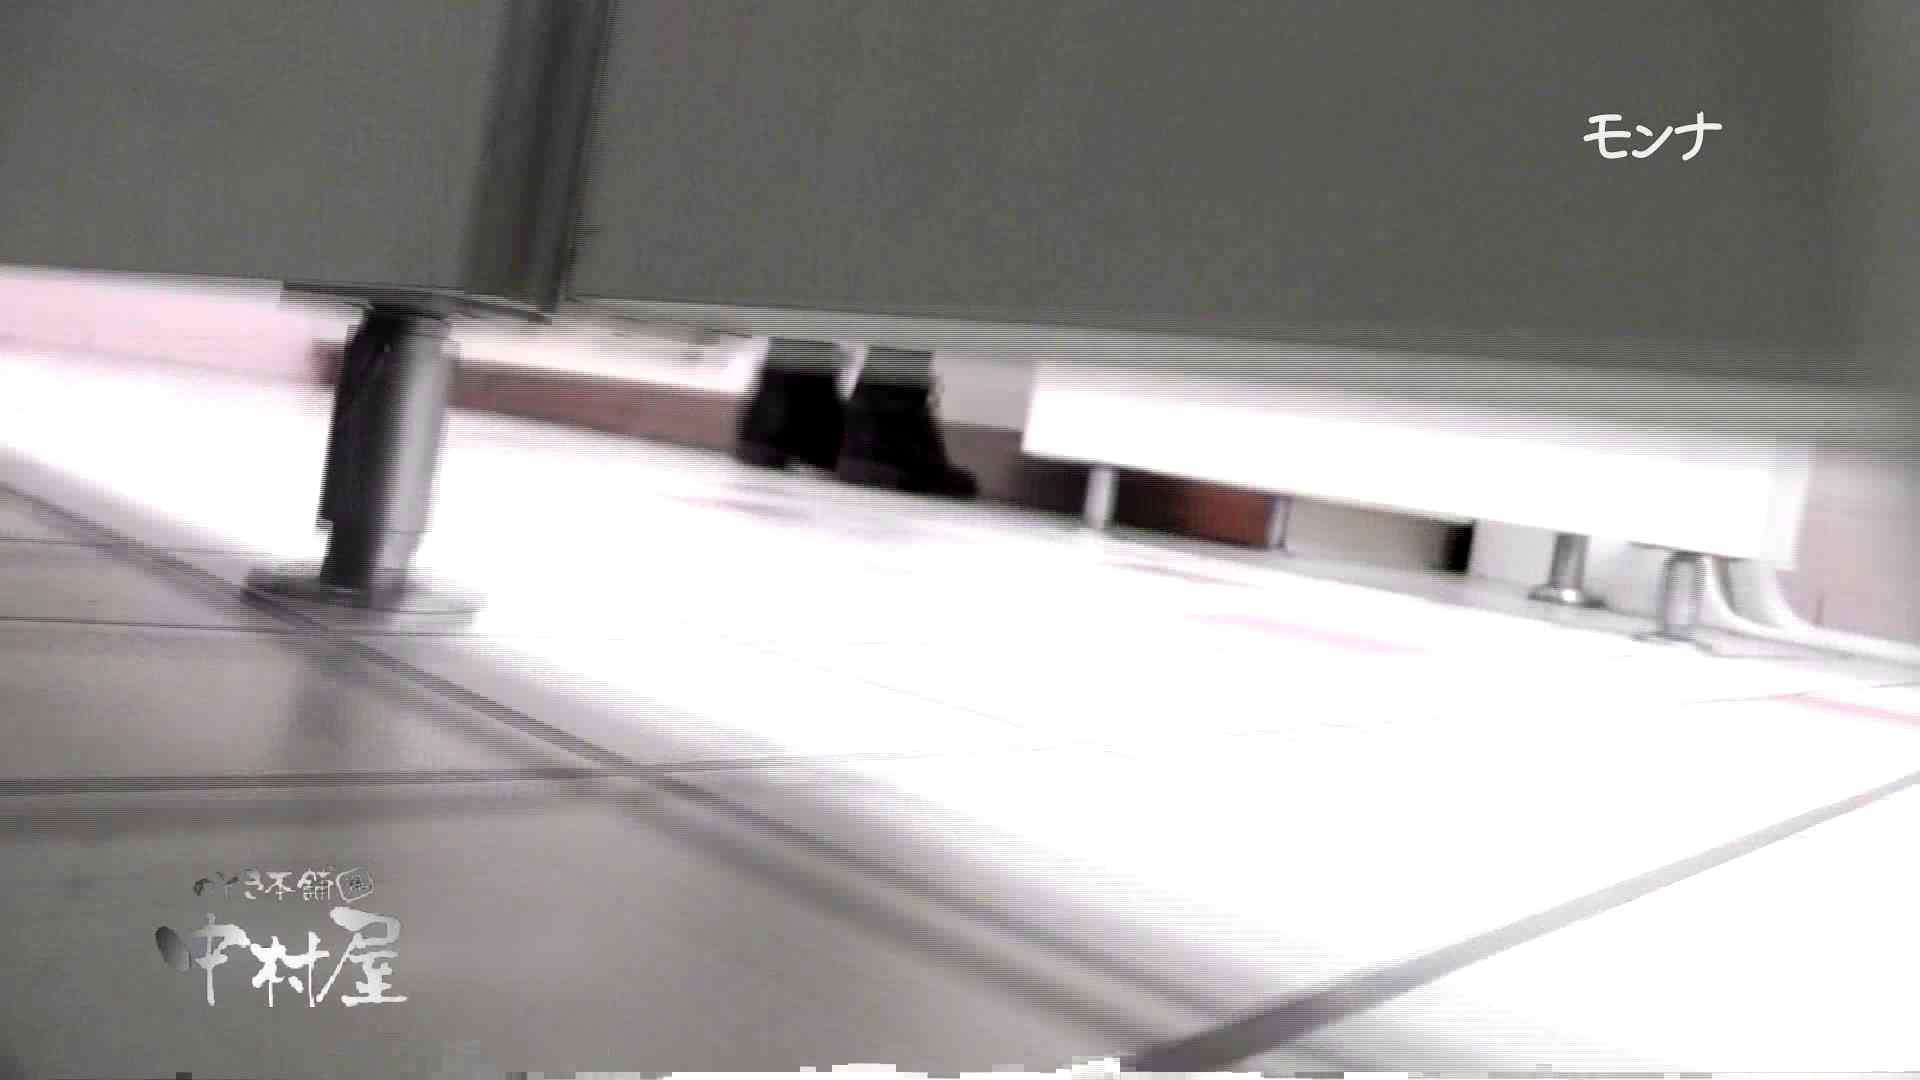 【美しい日本の未来】新学期!!下半身中心に攻めてます美女可愛い女子悪戯盗satuトイレ後編 美女すけべ画像 盗撮動画紹介 25連発 10